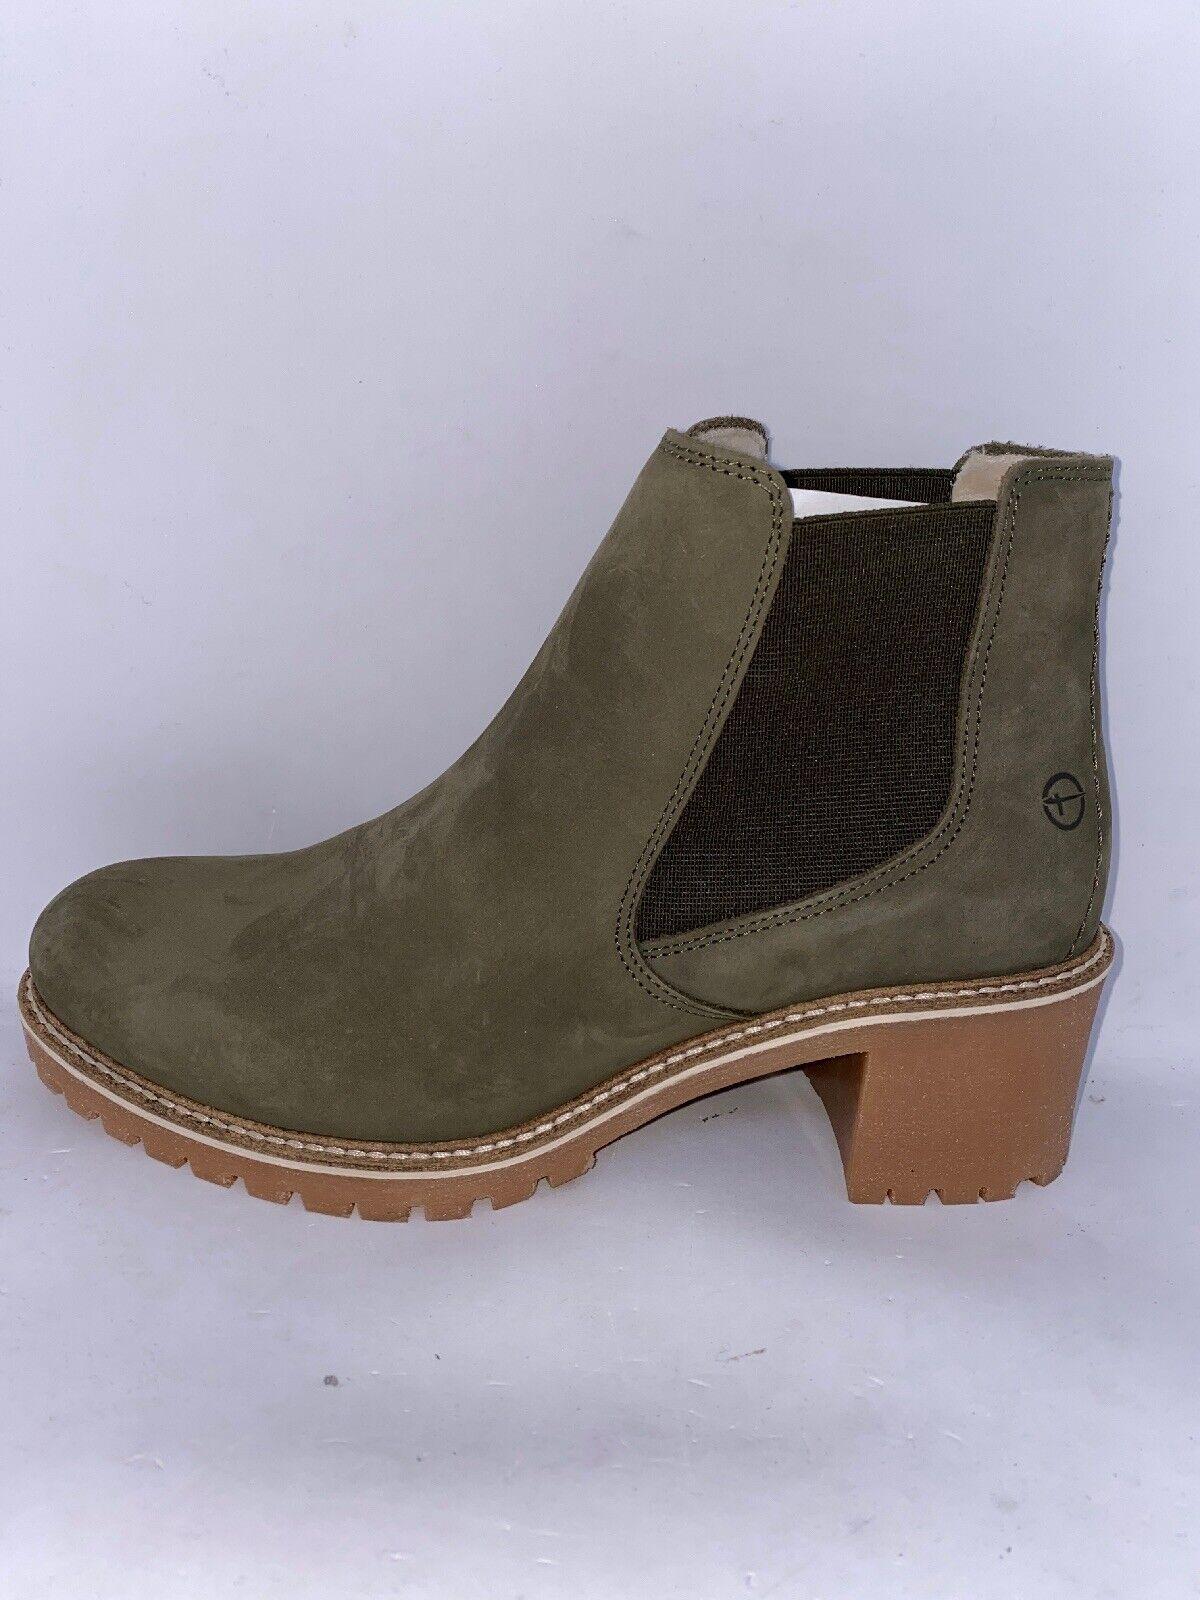 TAMARIS Damen Stiefel Boots Leder Olive 25447 21 Warmfutter US 10 Gr.41 Neu &OVP